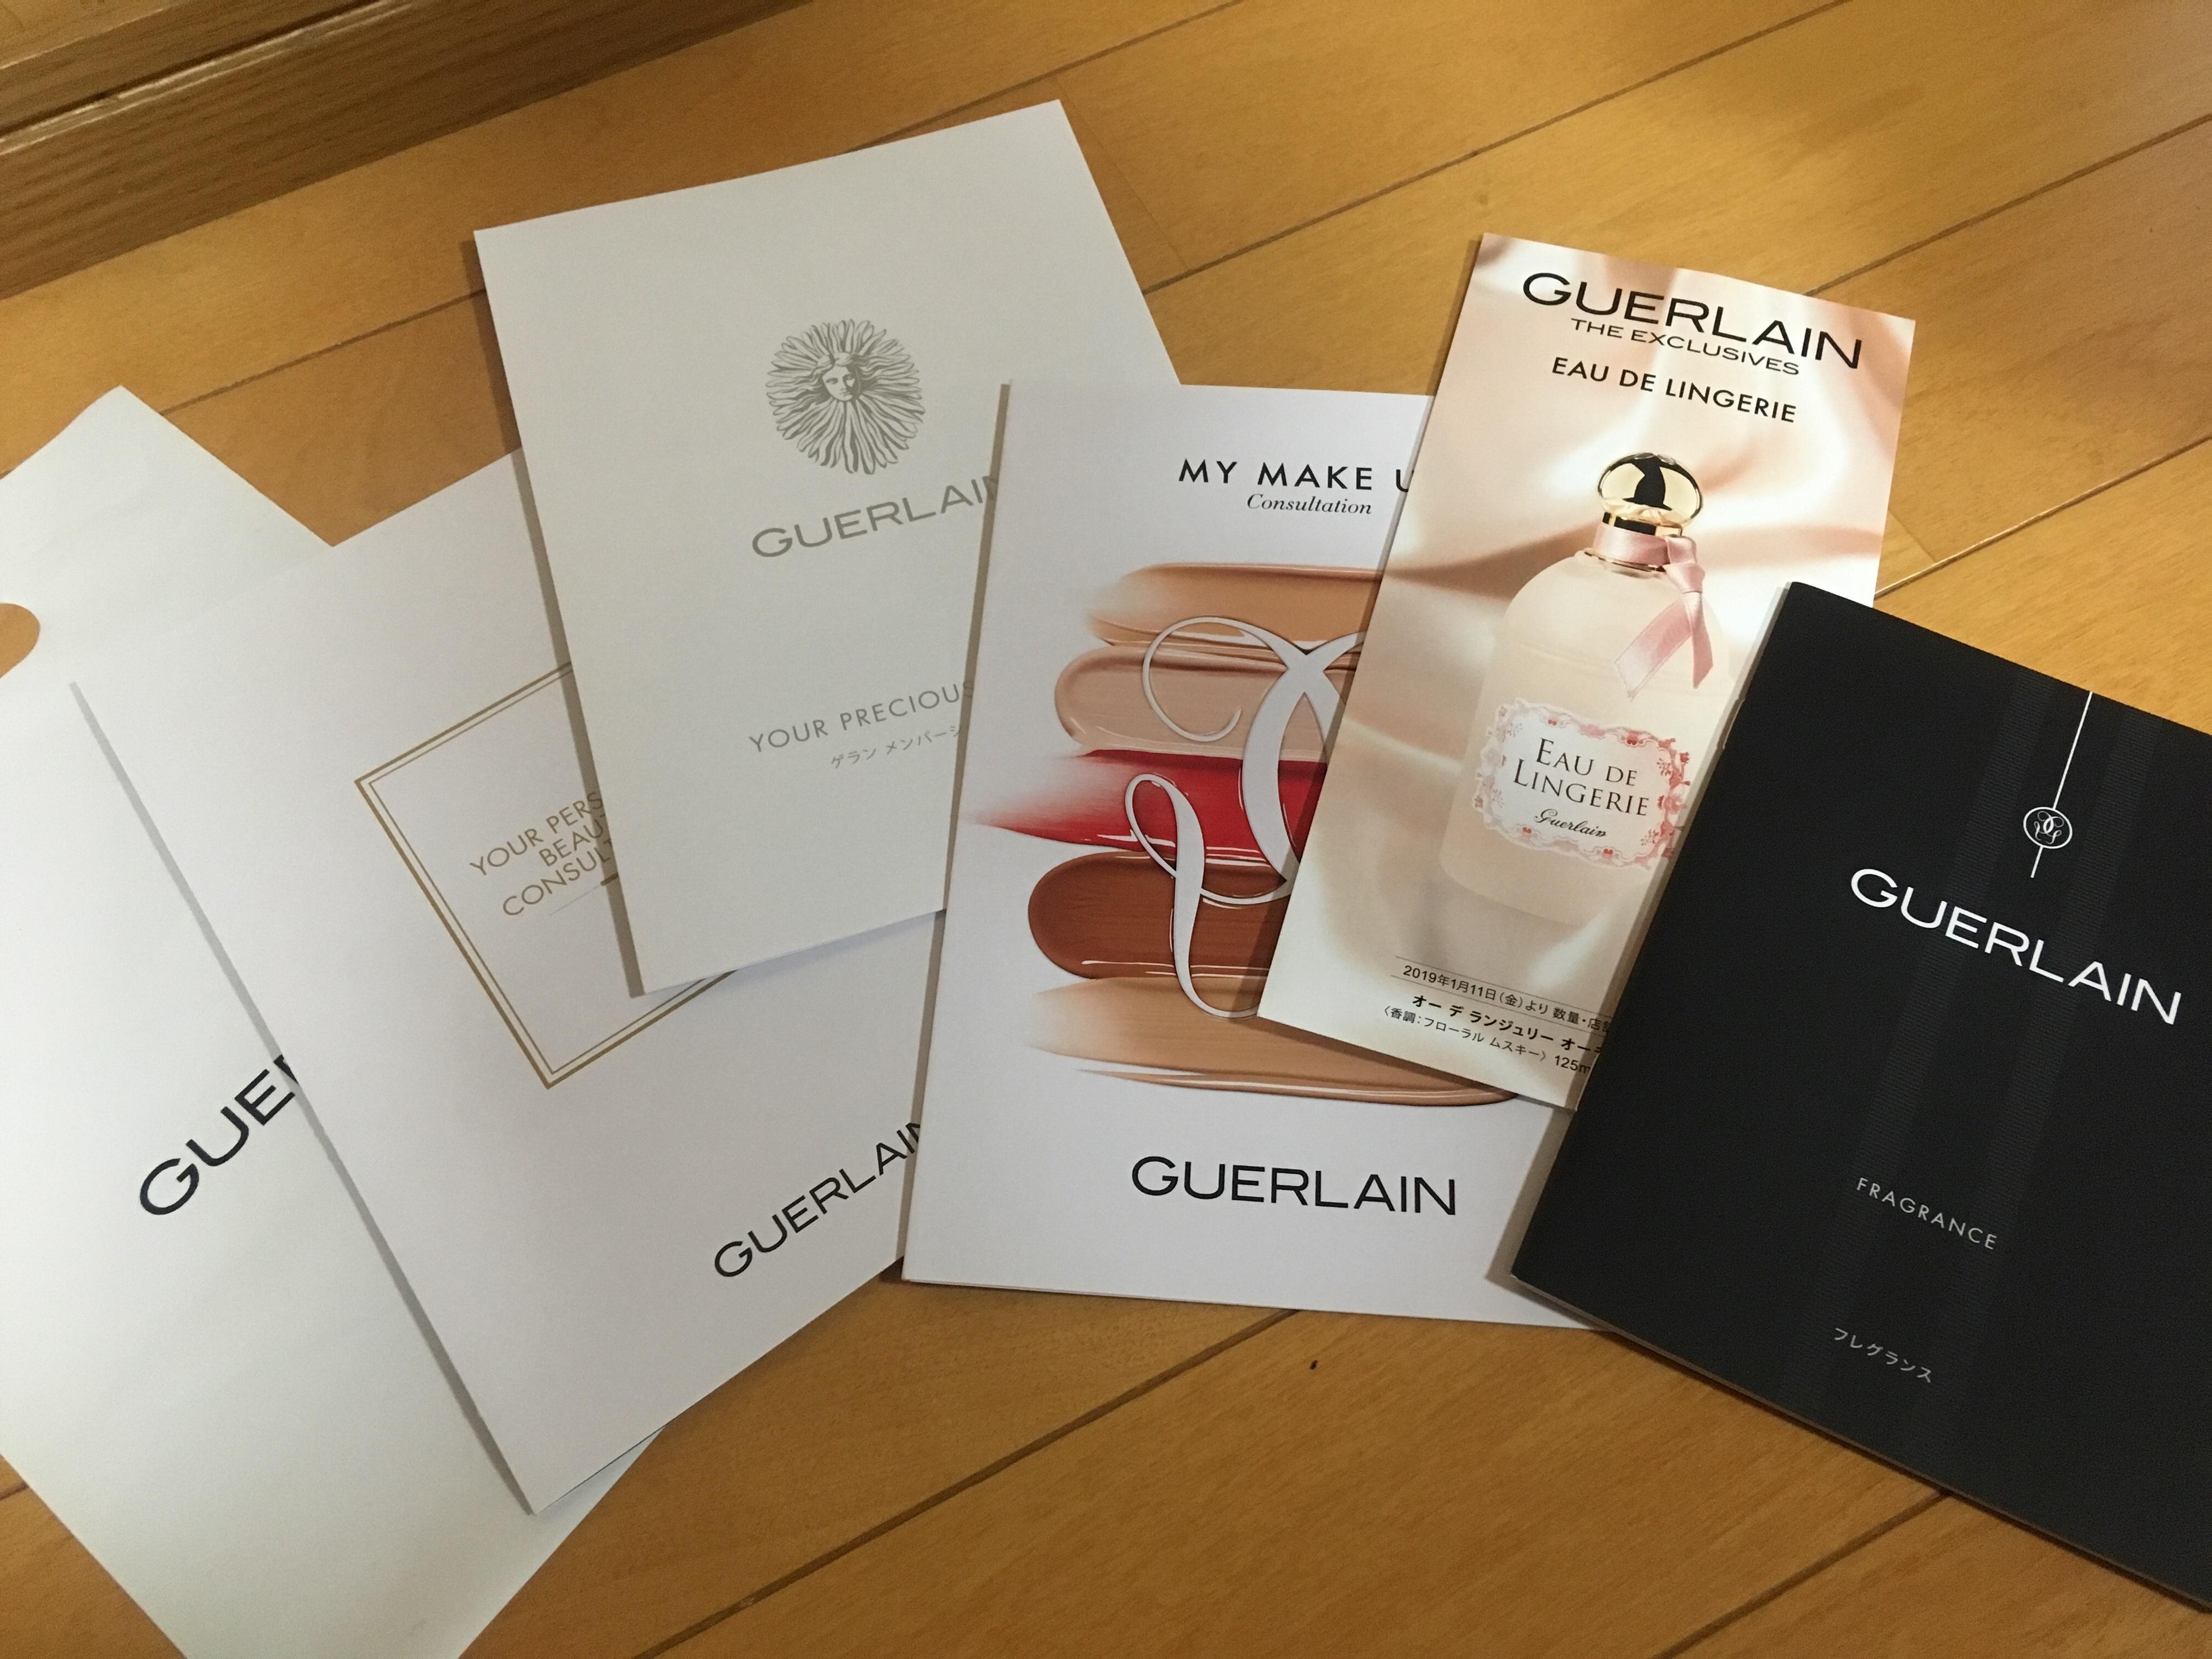 ゲラン パンフレット 製品 カタログ